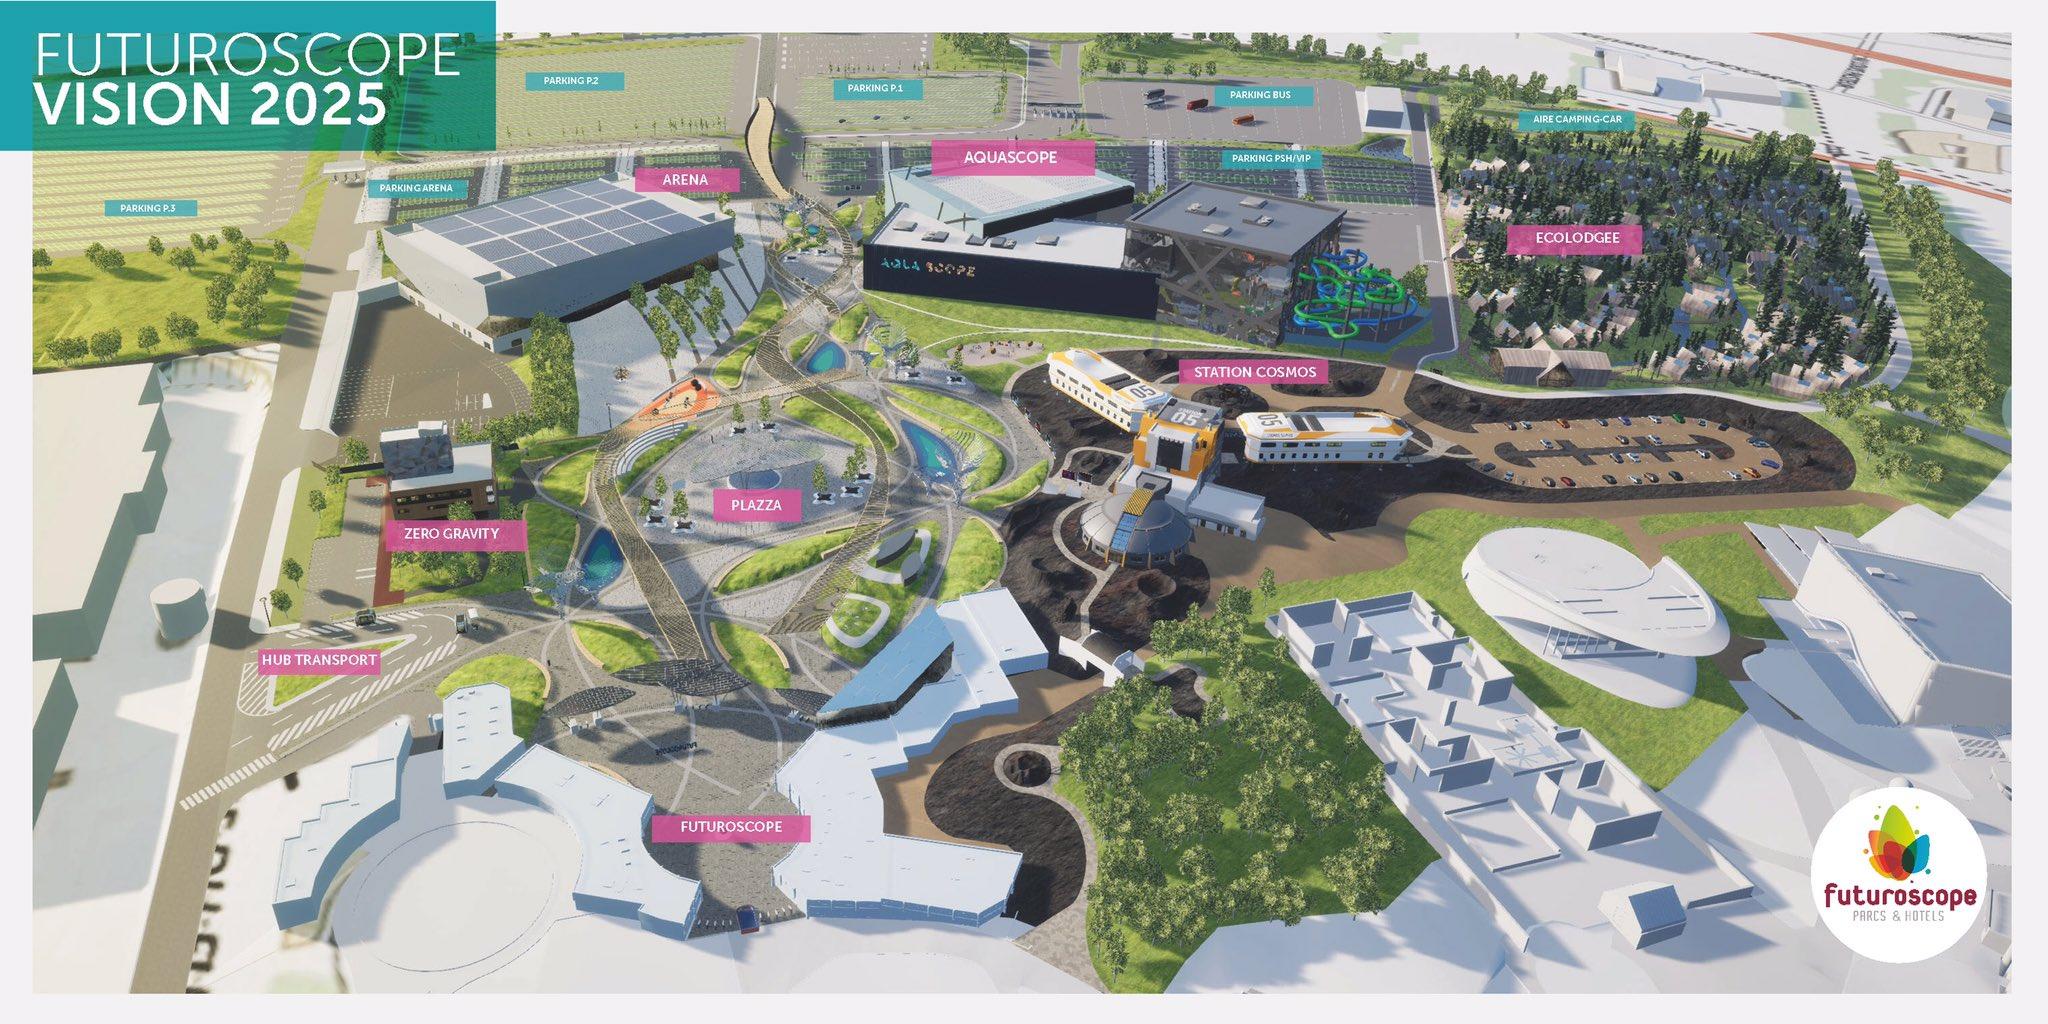 Plans de développement et renouvellement du Futuroscope : Parc et resort - Page 14 2025-Futuroscope-2-Vision-Parcs-Ho-tels-2020-07